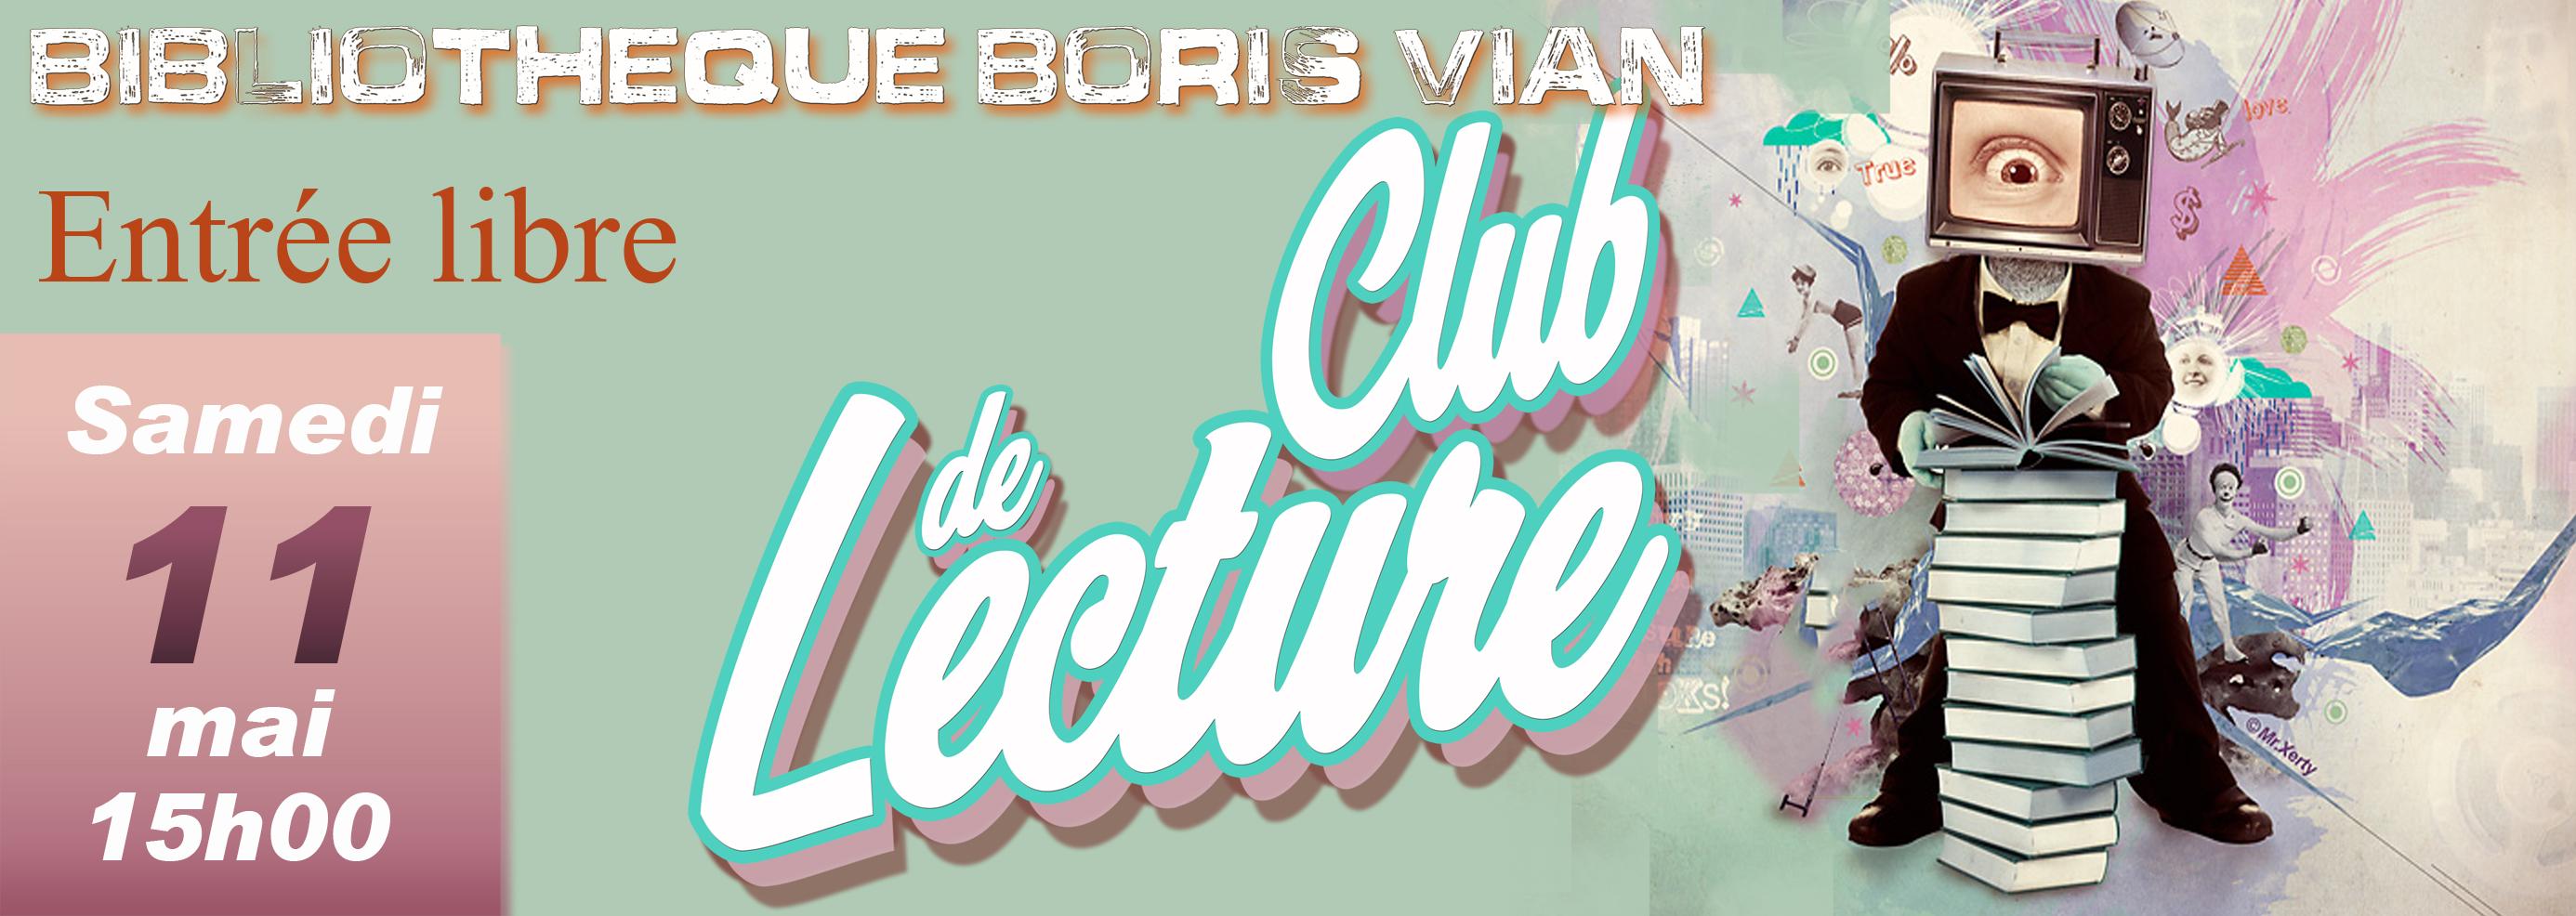 Club lecture 11 mai